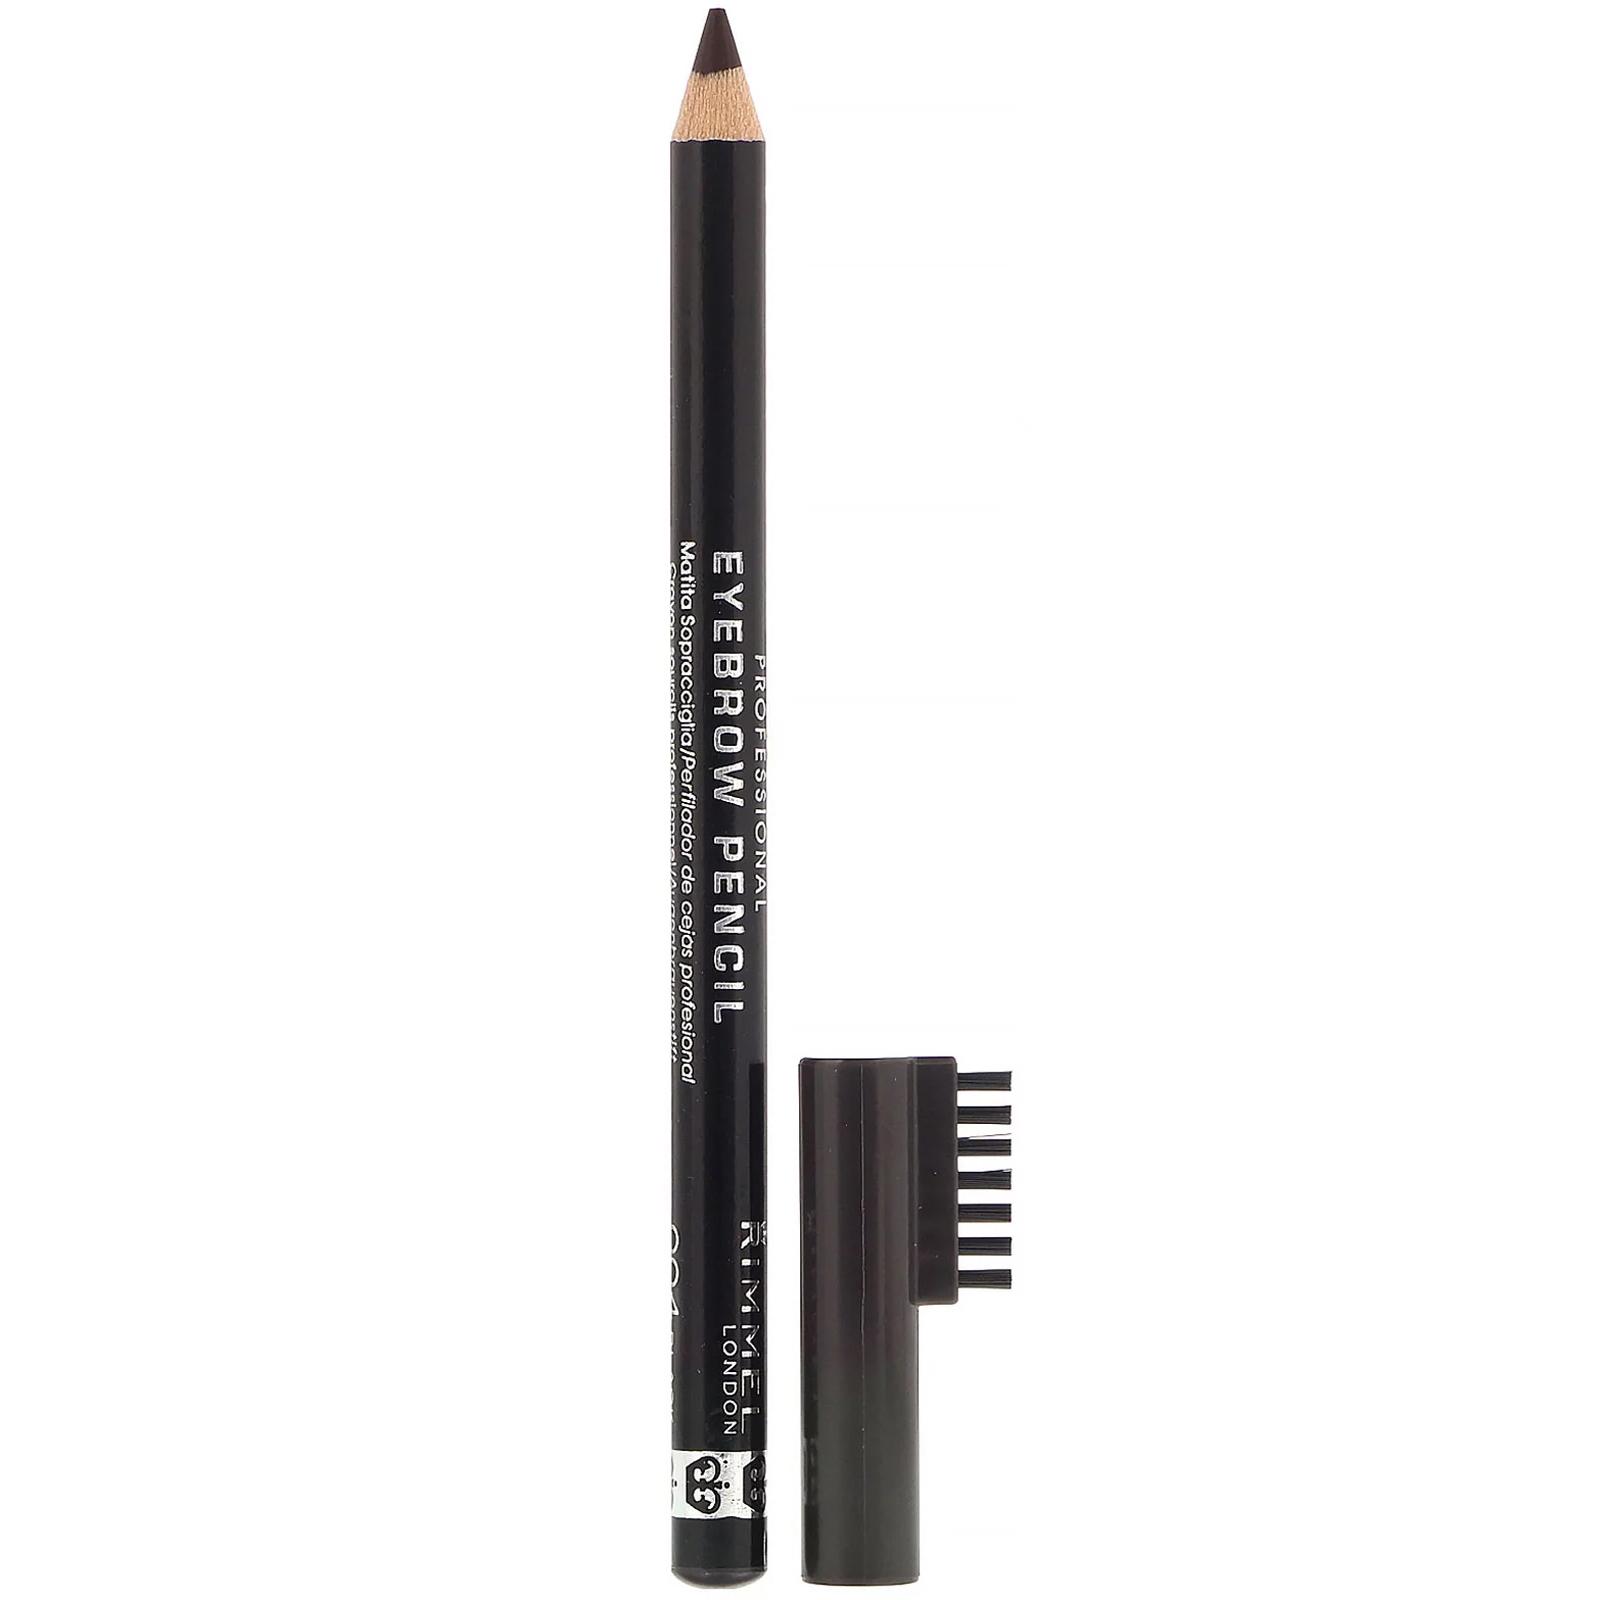 Rimmel London, Профессиональный карандаш для бровей, 004 черно-коричневый, 1,4 г